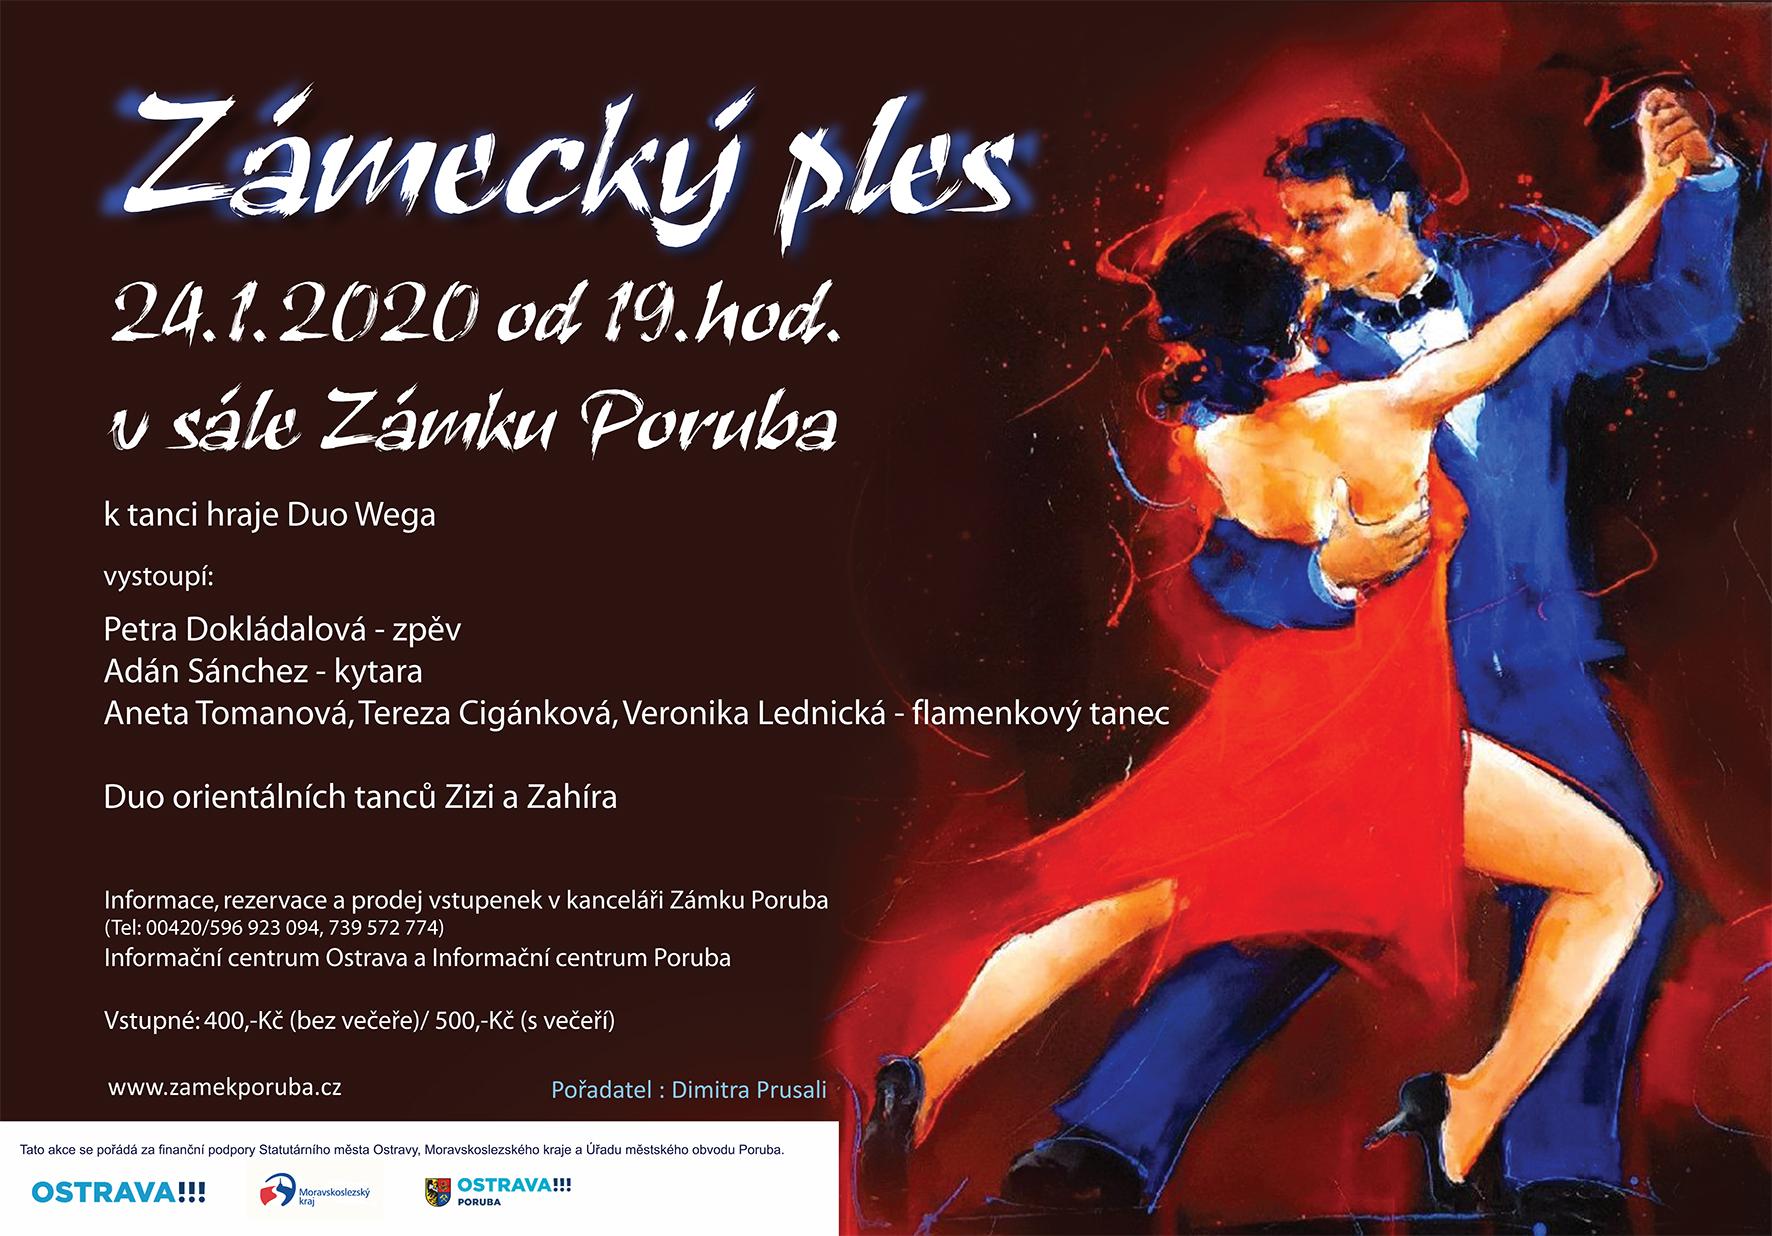 Zámecký ples 24.1.2020 od 19:00 hod.